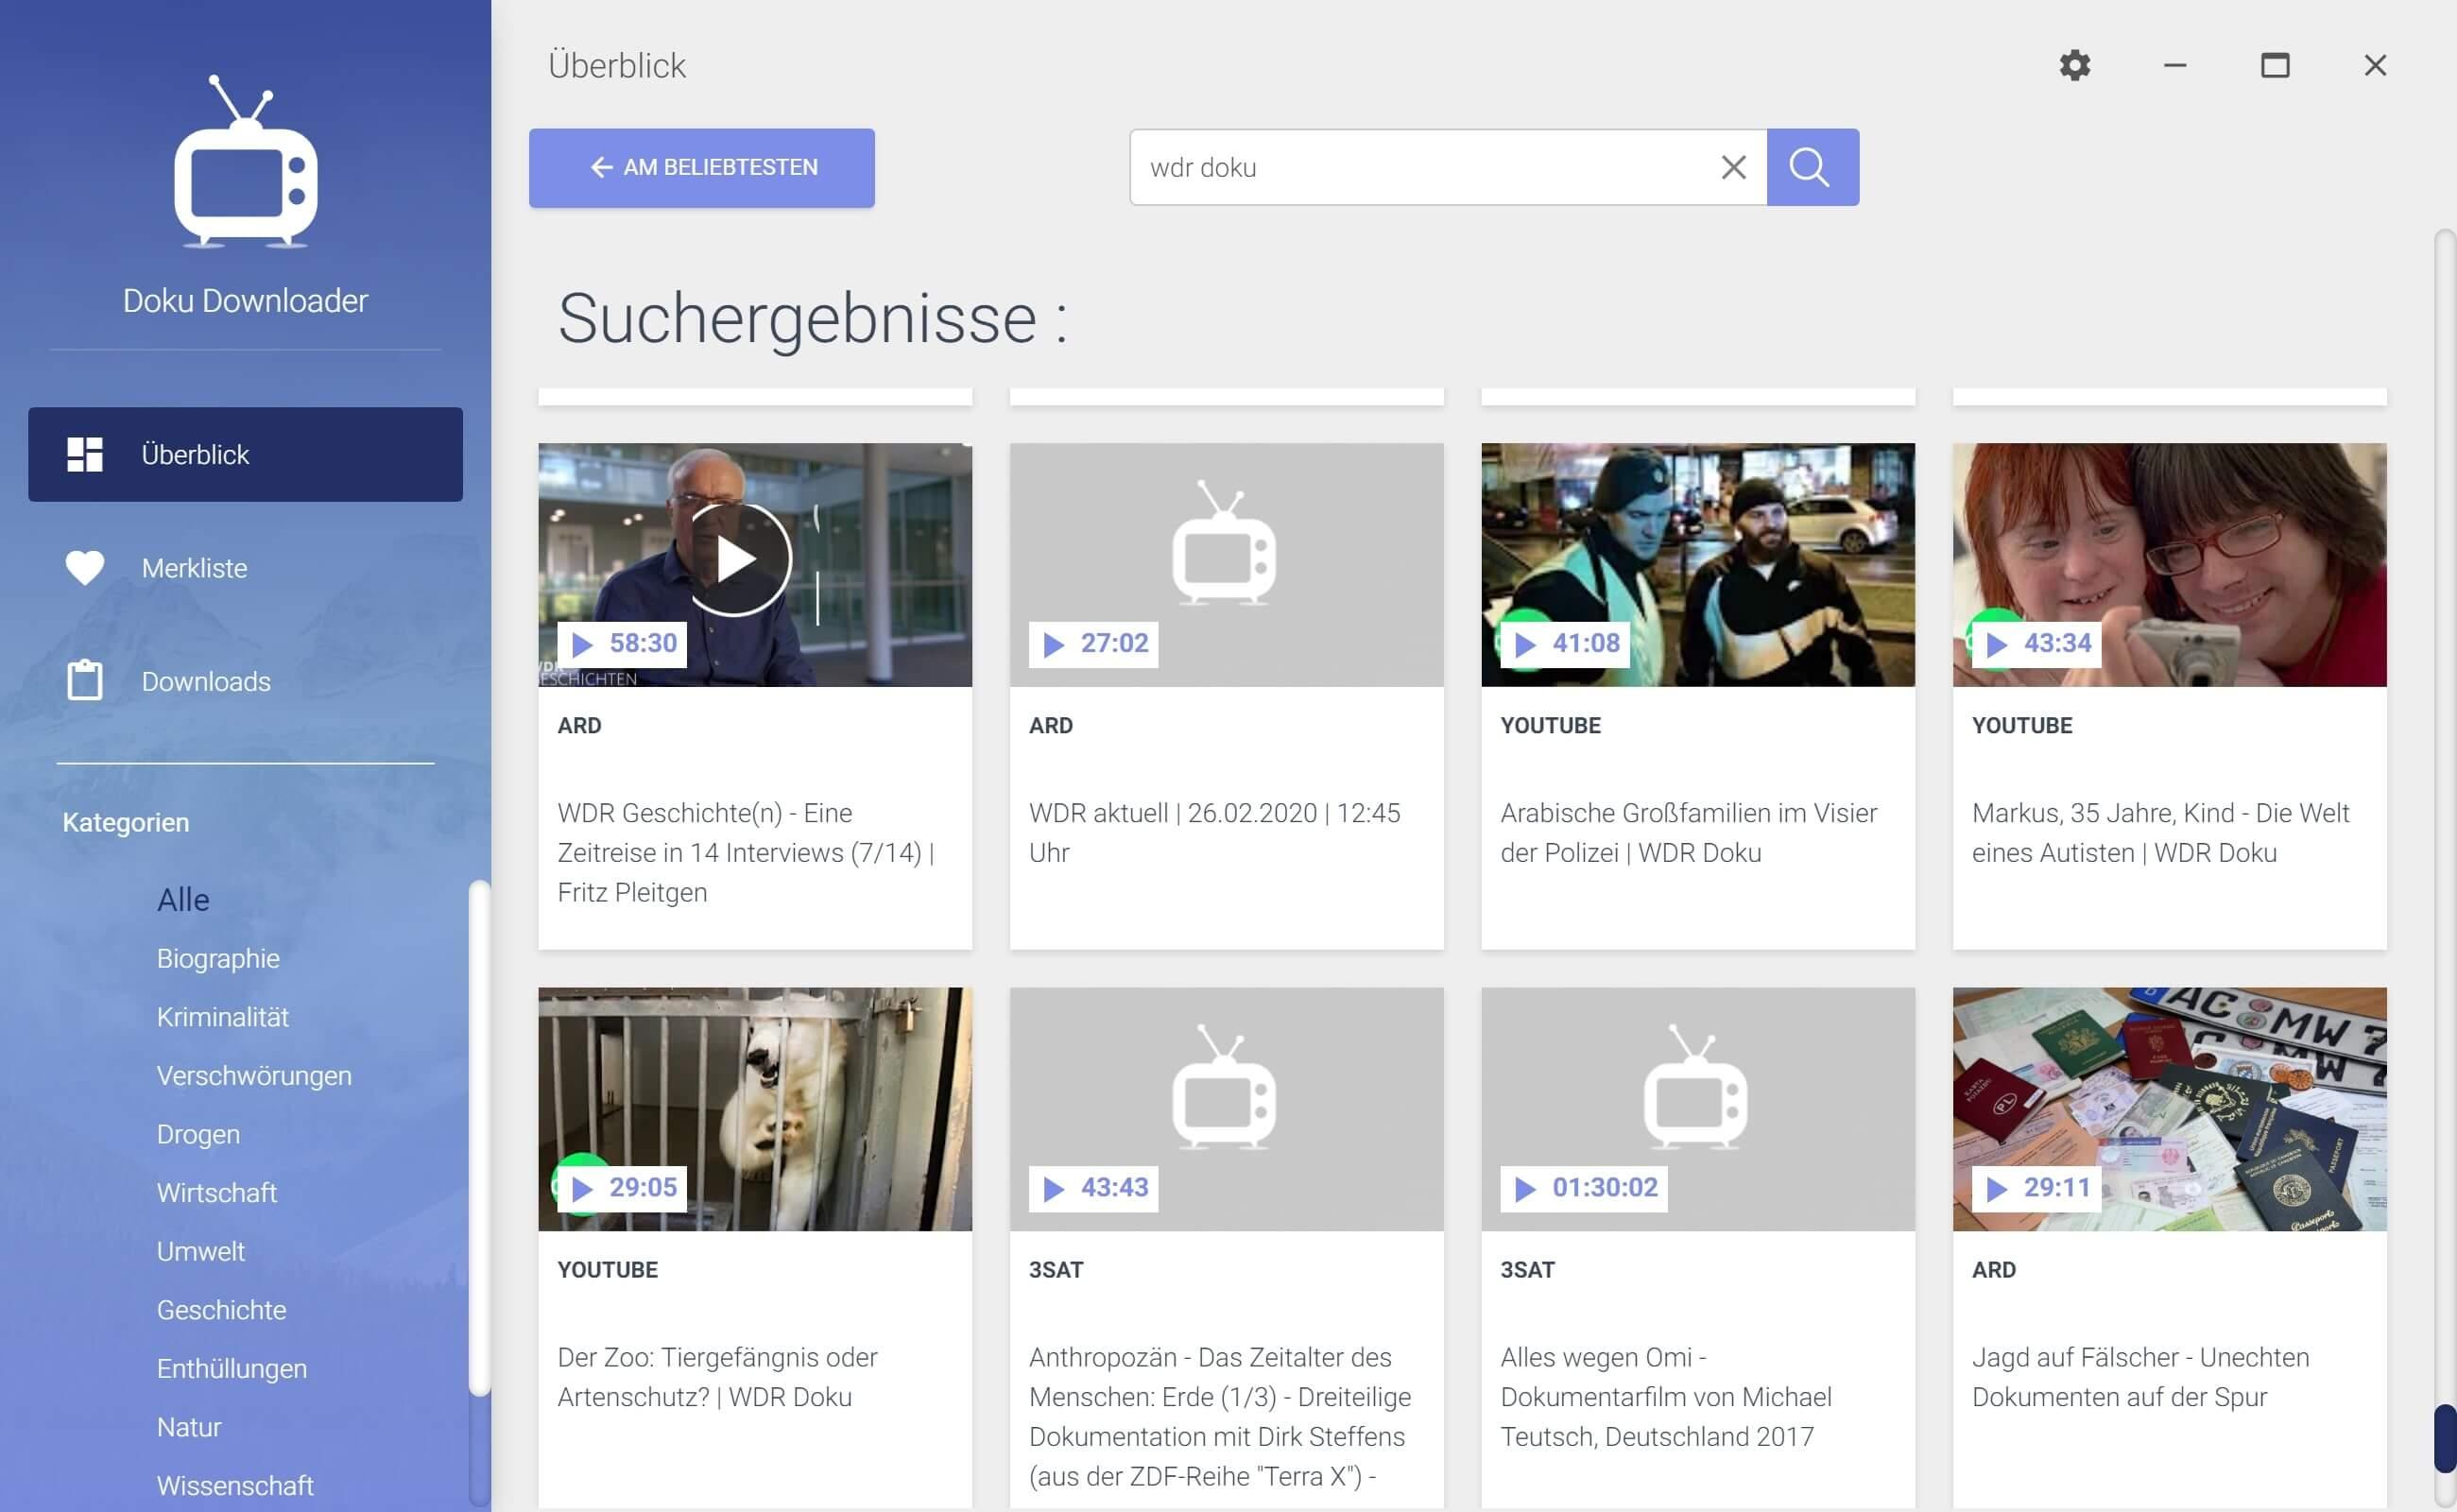 WDR Dokumentation aus Mediathek herunterladen - Doku auswählen